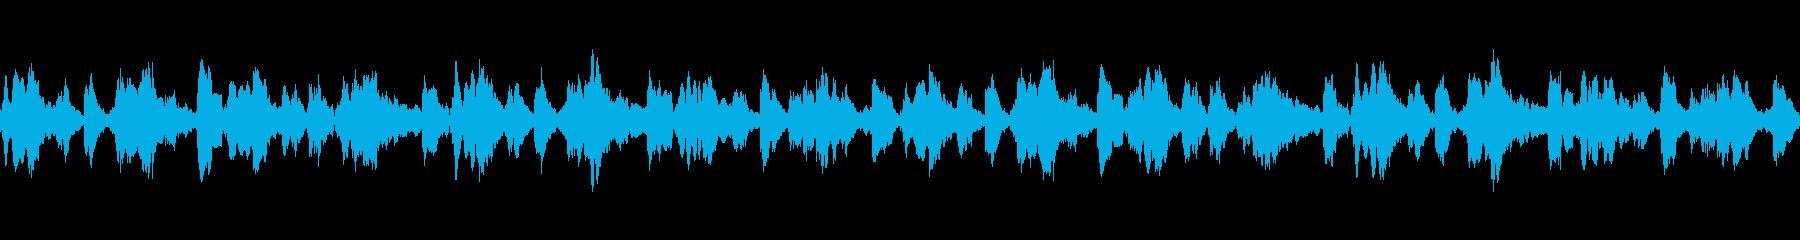 【リズムなし・ループ】明るい口笛タムタムの再生済みの波形